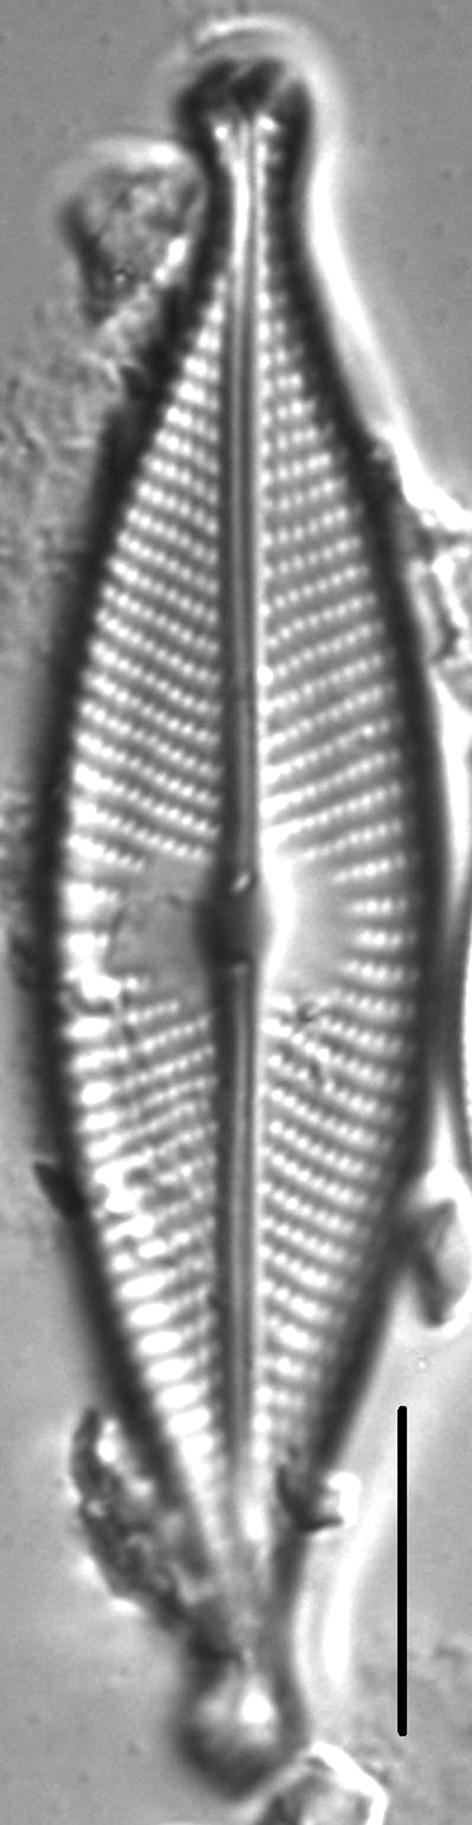 Navicula rhynchotella LM1